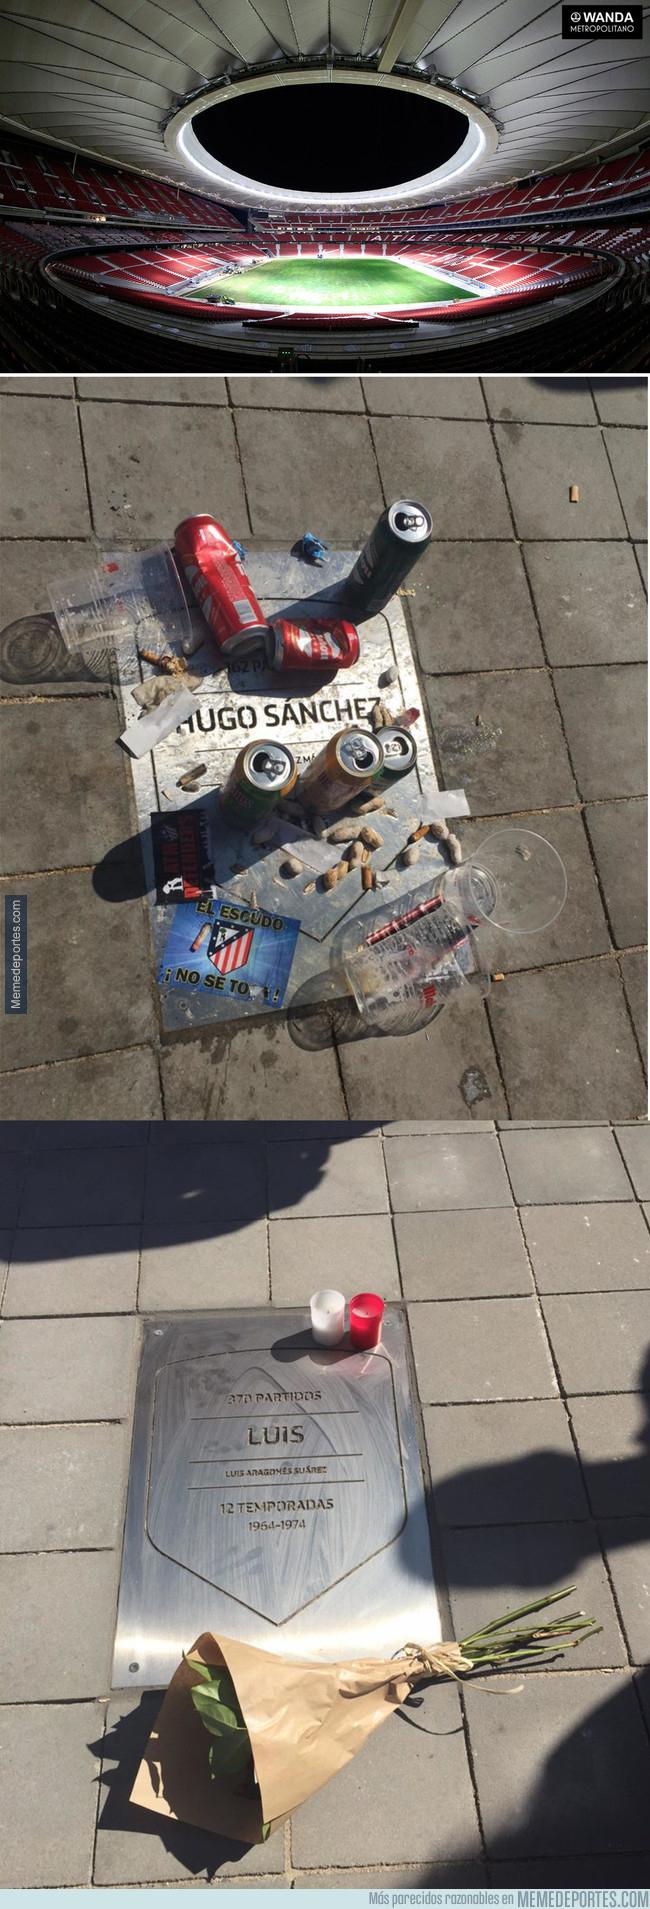 1000632 - La tremenda diferencia en el Wanda Metropolitano entre las placas de Hugo Sánchez y Luis Aragonés